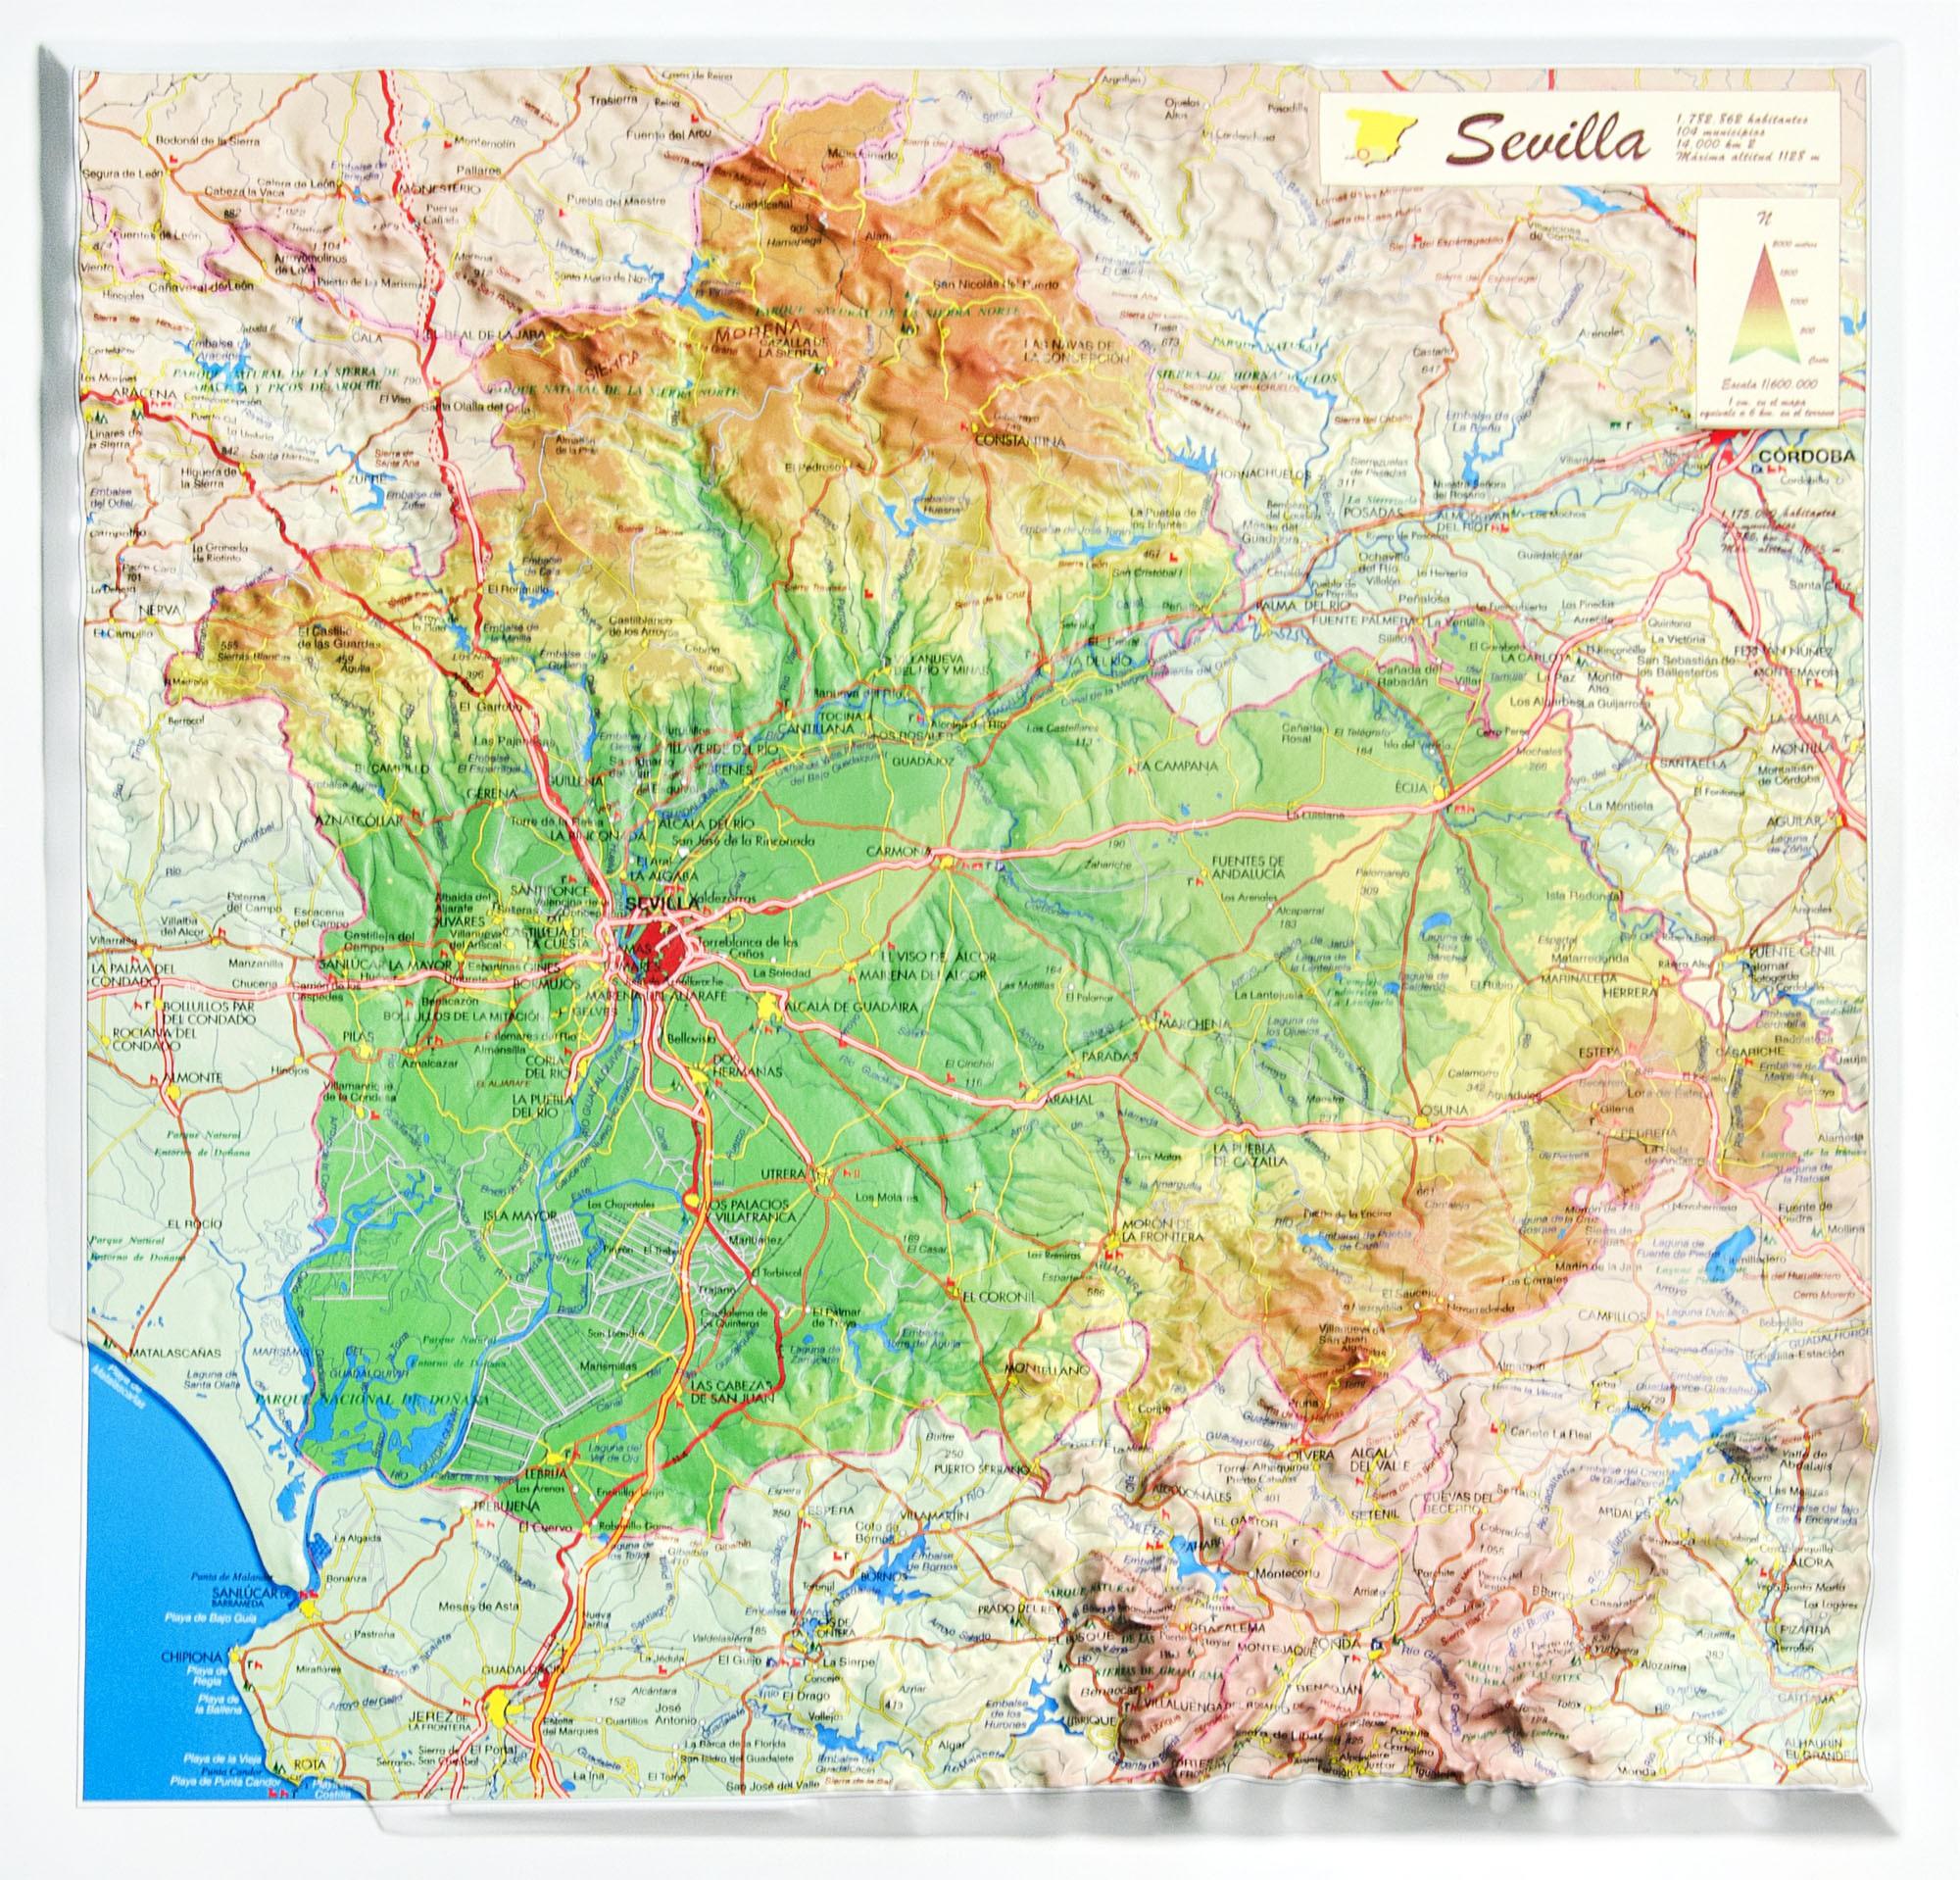 Provincia De Sevilla Mapa.Provincia De Sevilla En Relieve